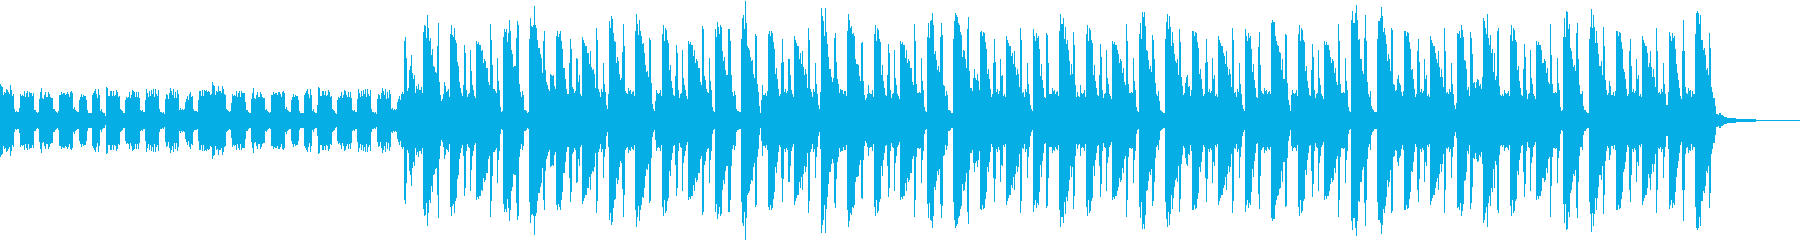 明るくリズミカルなBGMの再生済みの波形